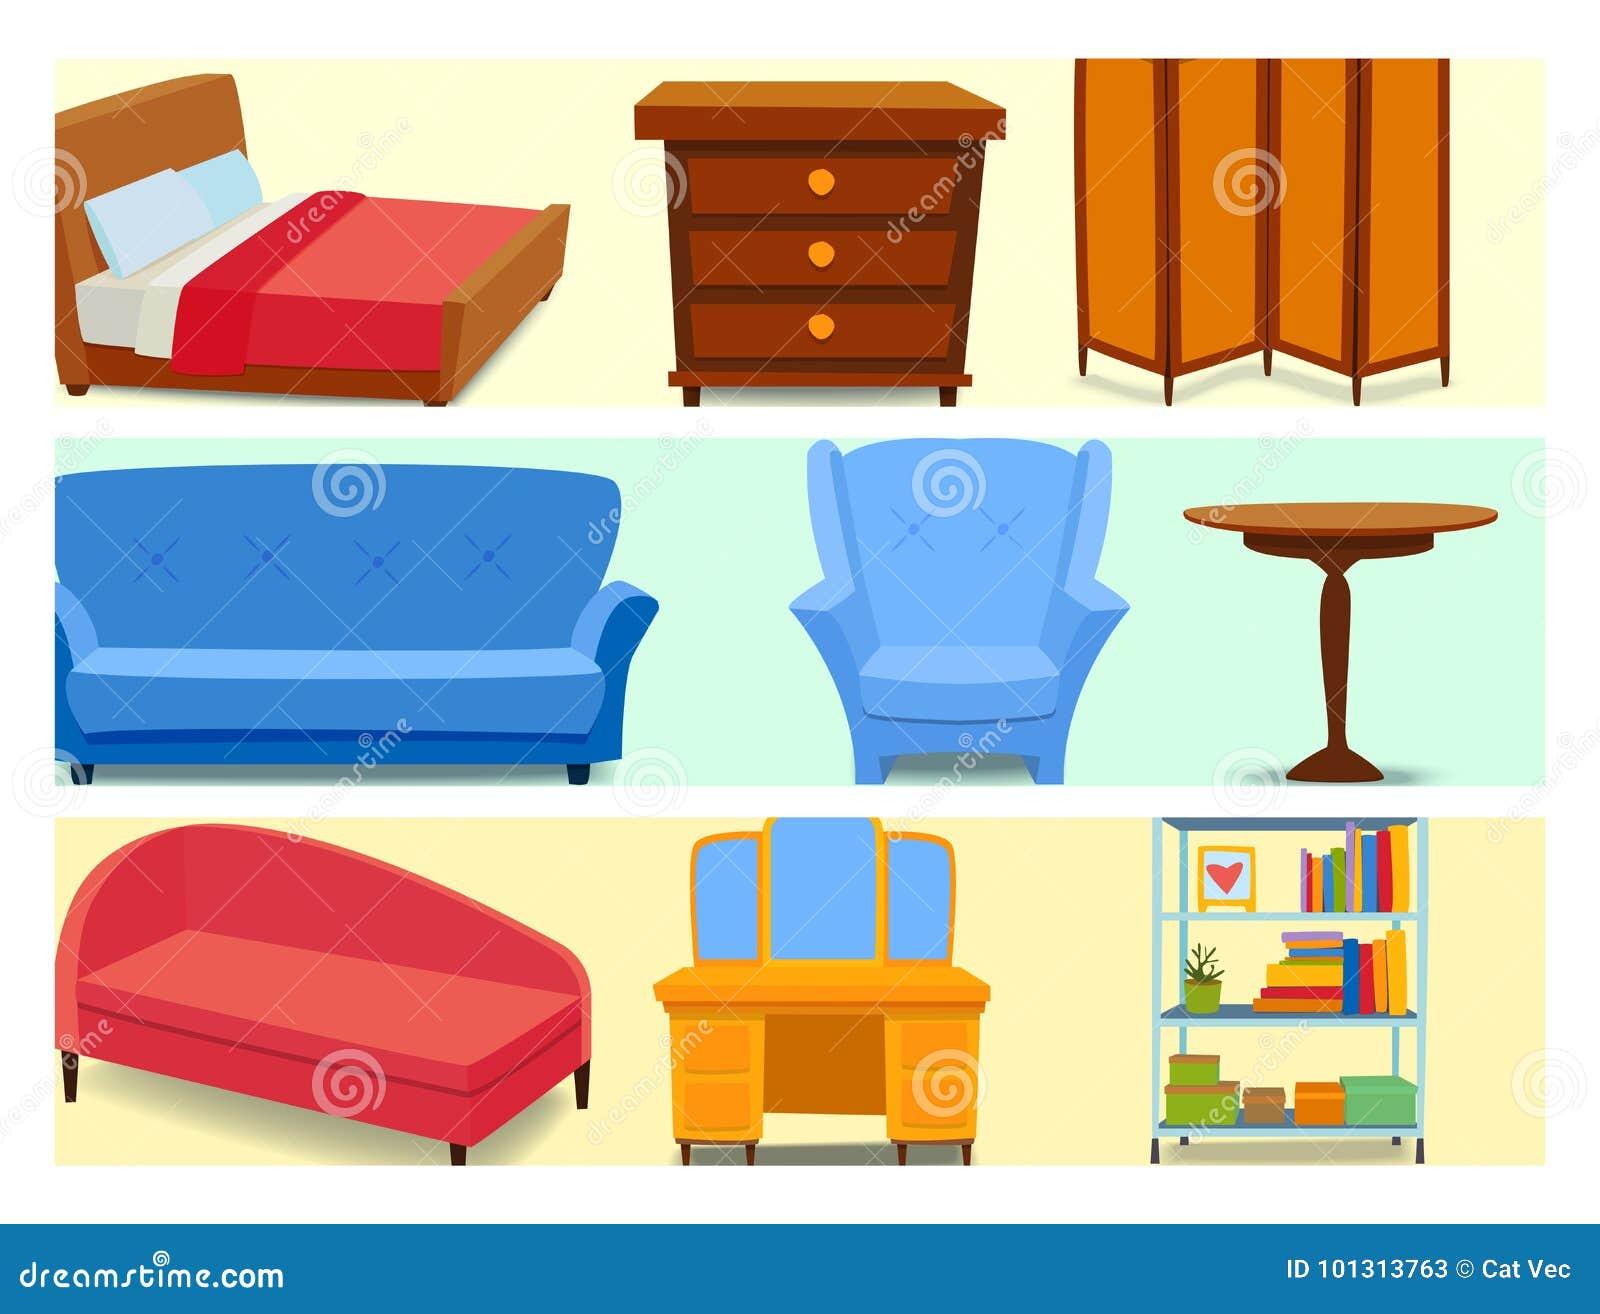 Los iconos interiores de los muebles se dirigen el ejemplo cómodo del vector del sofá del apartamento de la sala de estar del dis